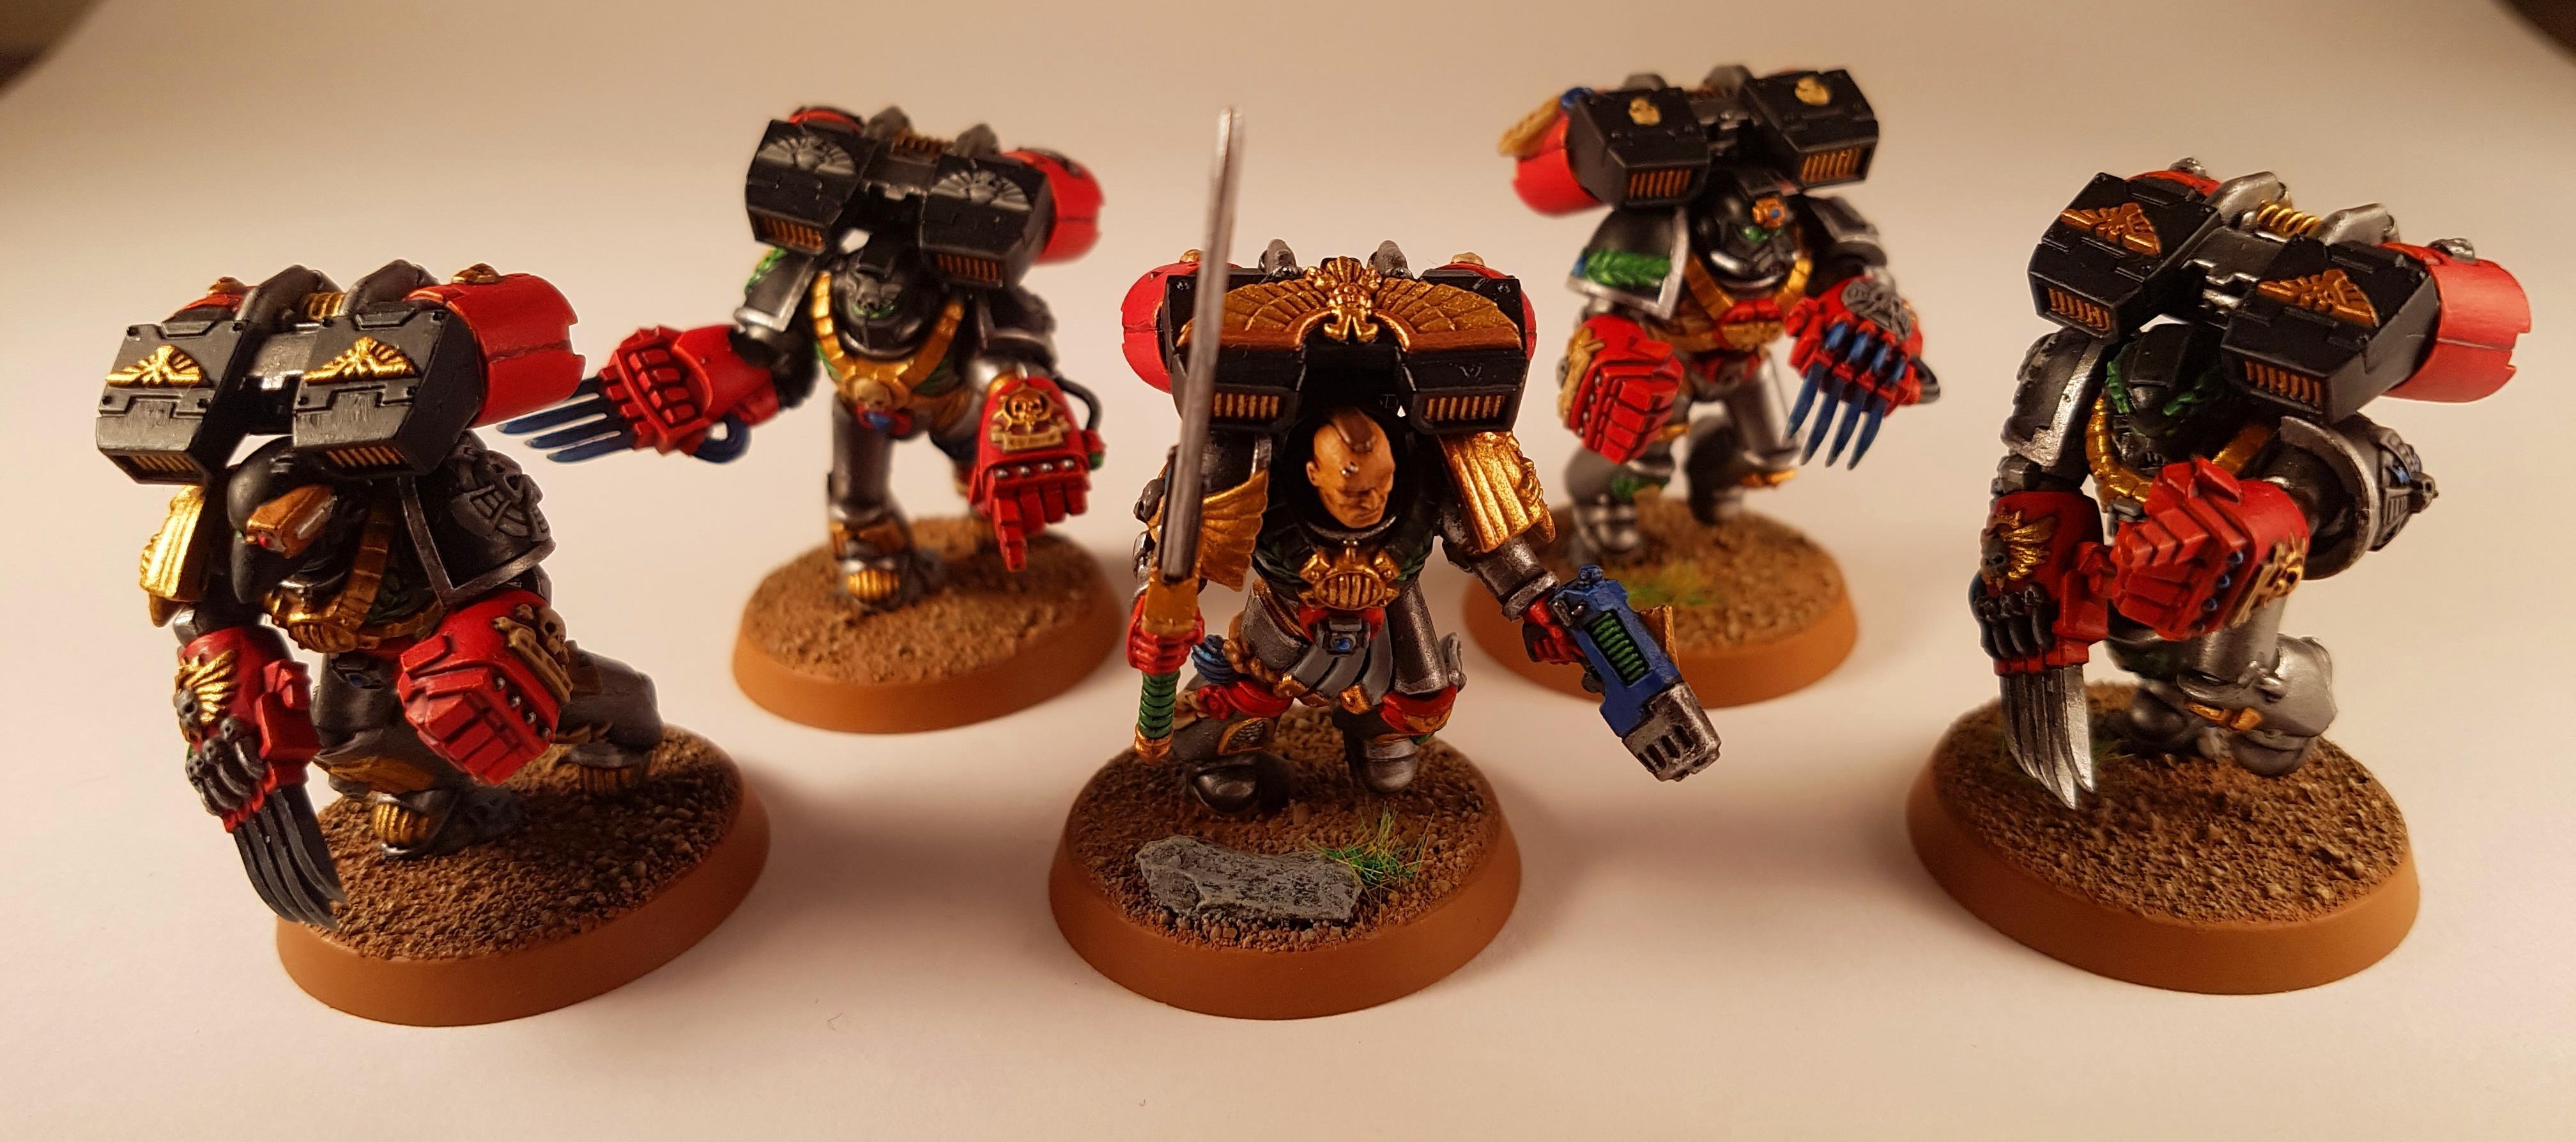 Oldhammer, Stark Crusaders, Vanguard Veterans